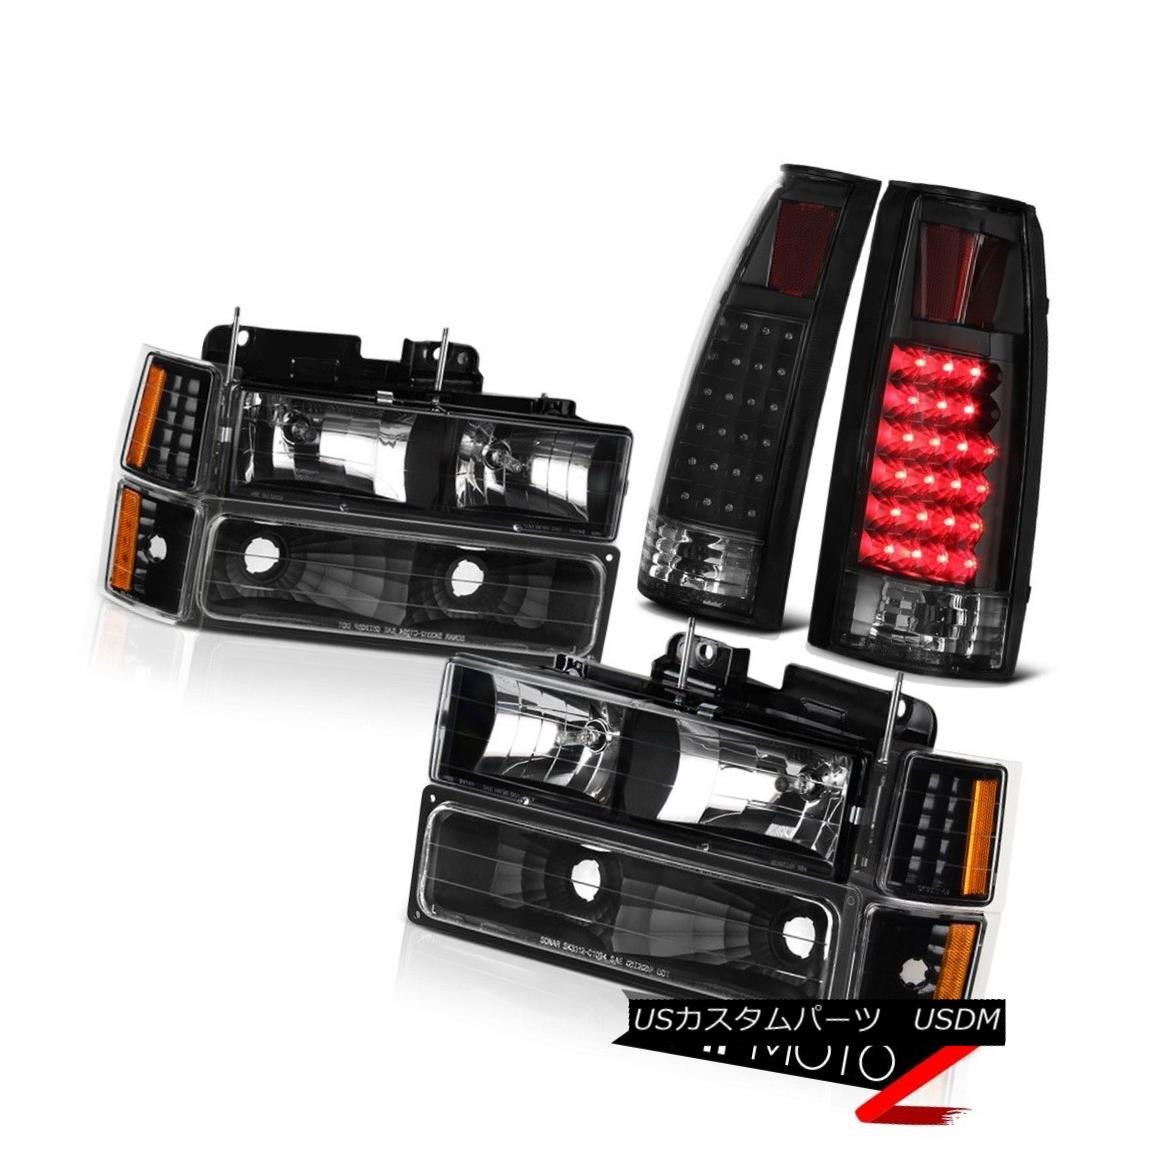 ヘッドライト 1994-2000 C2500 C3500 K2500 K3500 Black LED Tail Lights Lamp Headlight Headlamps 1994-2000 C2500 C3500 K2500 K3500ブラックLEDテールライトランプヘッドライトヘッドランプ